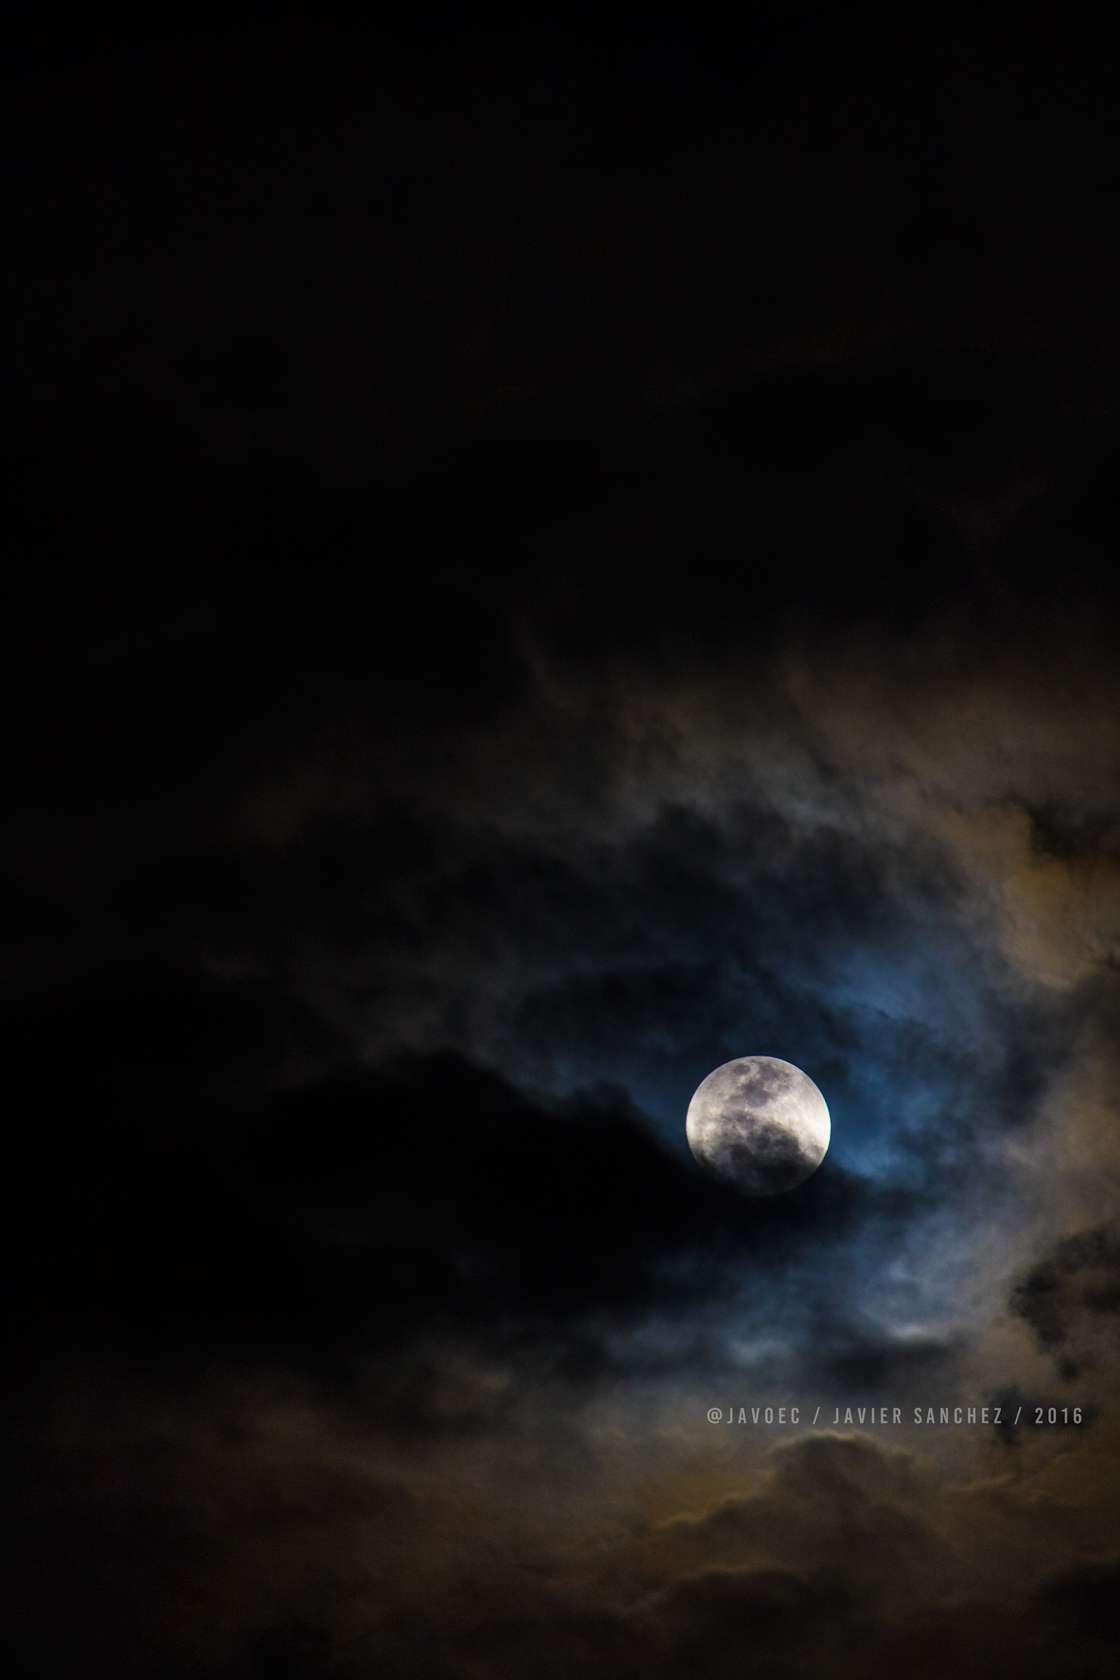 las nubes juegan con la luna by javoec